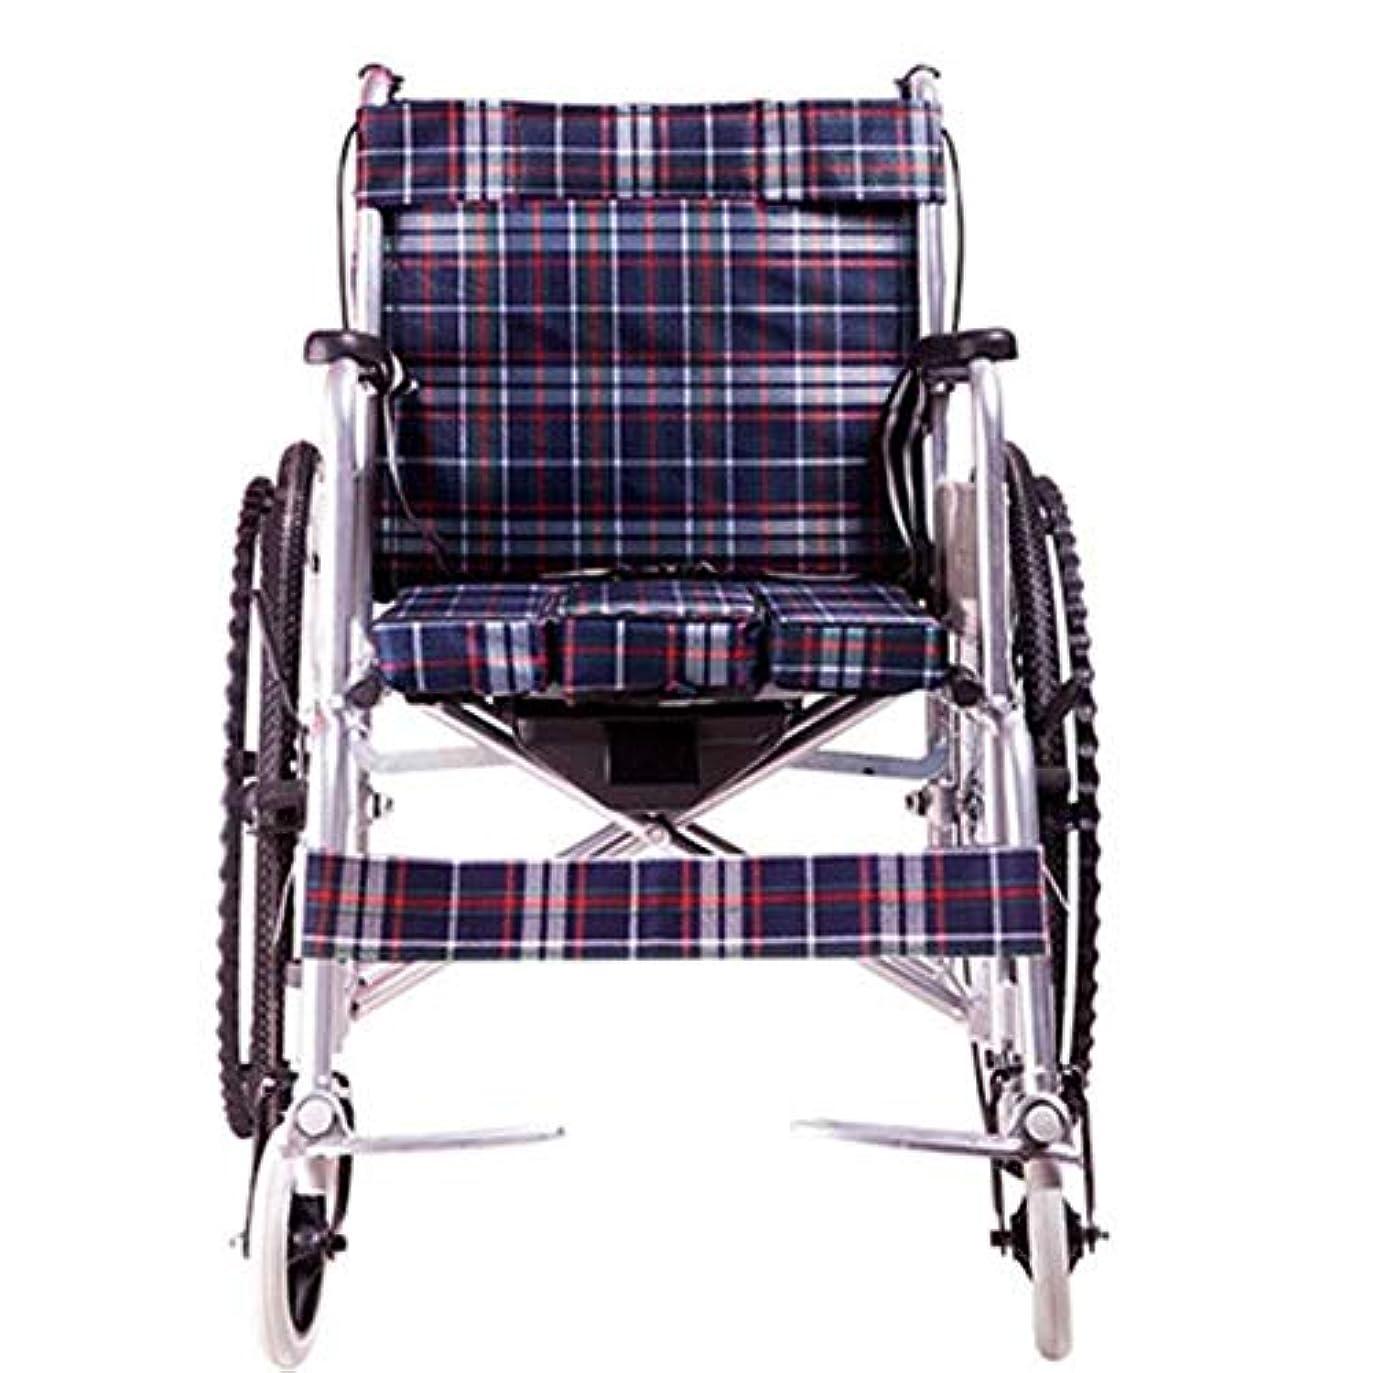 絶対の戦いフィットハンドブレーキとクイックリリースリアホイールを備えた軽量アルミニウム折りたたみ式セルフプロペール車椅子 (Color : Oxford cloth)